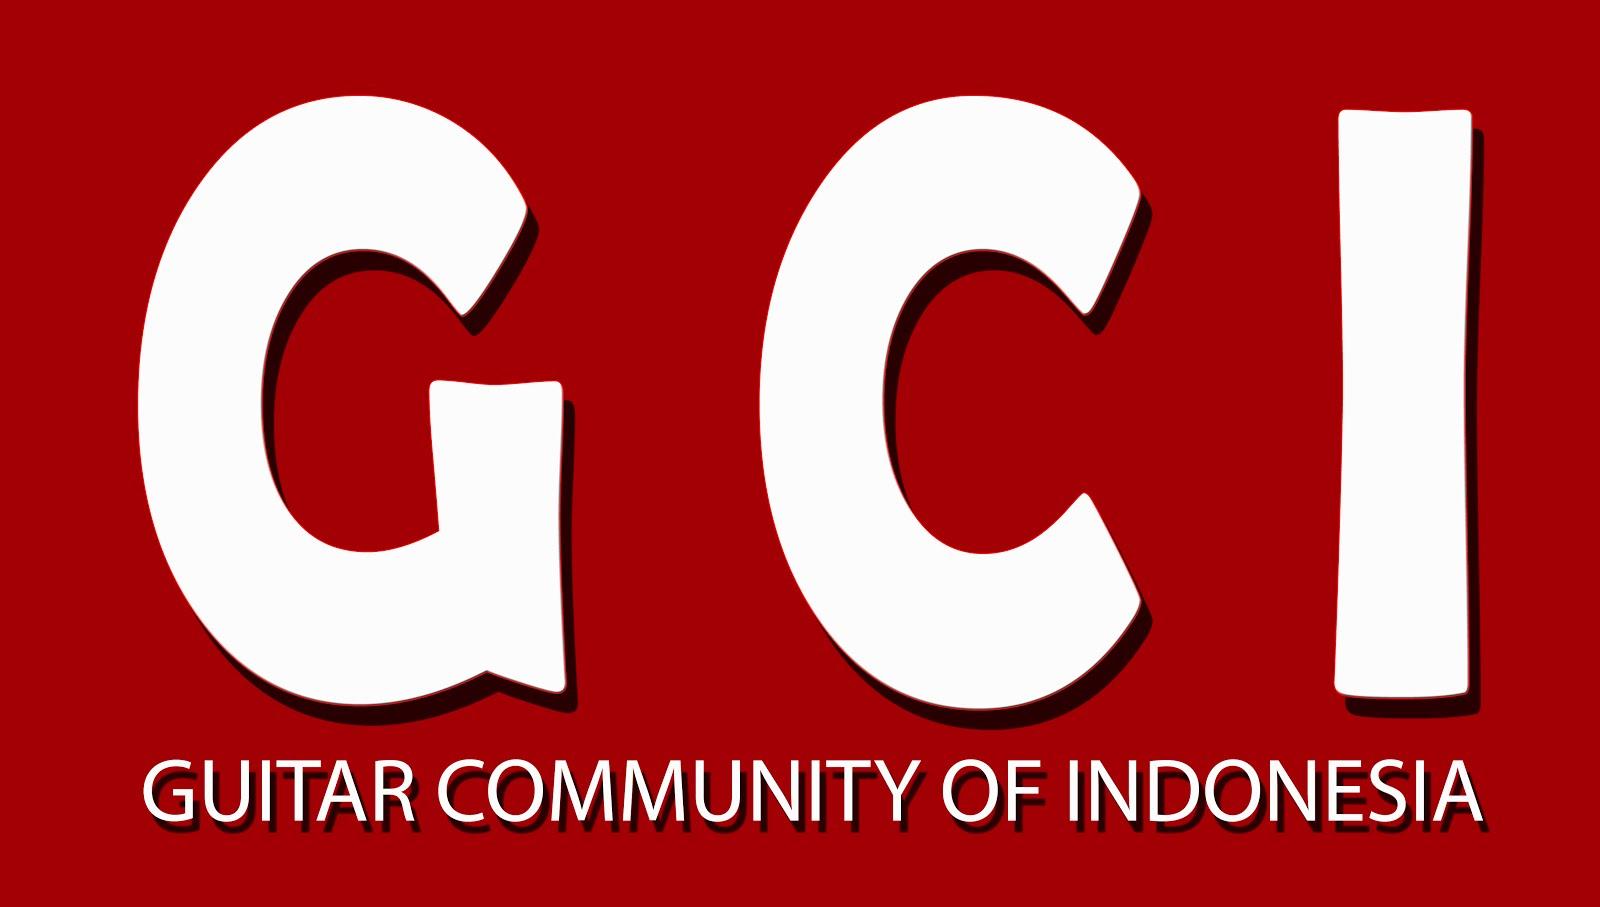 GUITAR COMMUNITY OF INDONESIA | GCI